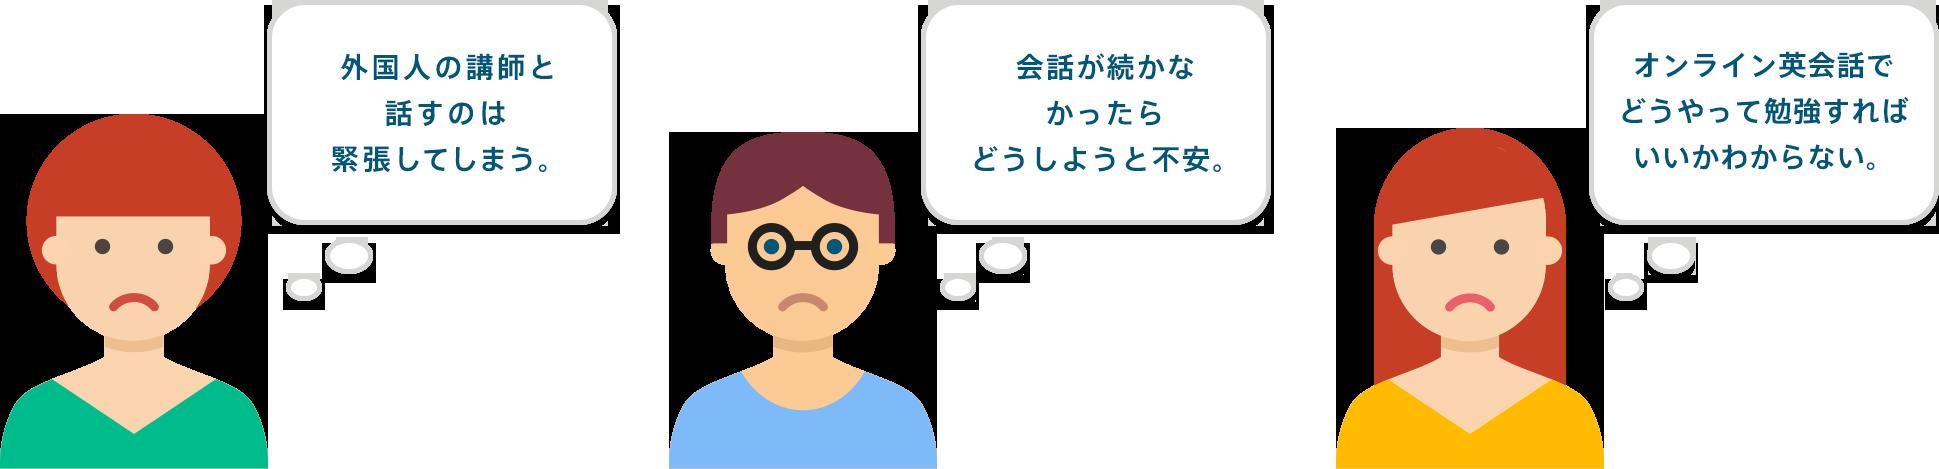 こんな方におすすめ「外国人の講師と話すのは緊張してしまう。」「会話が続かなかったらどうしようと不安。」「オンライン英会話でどうやって勉強すればいいかわからない。」